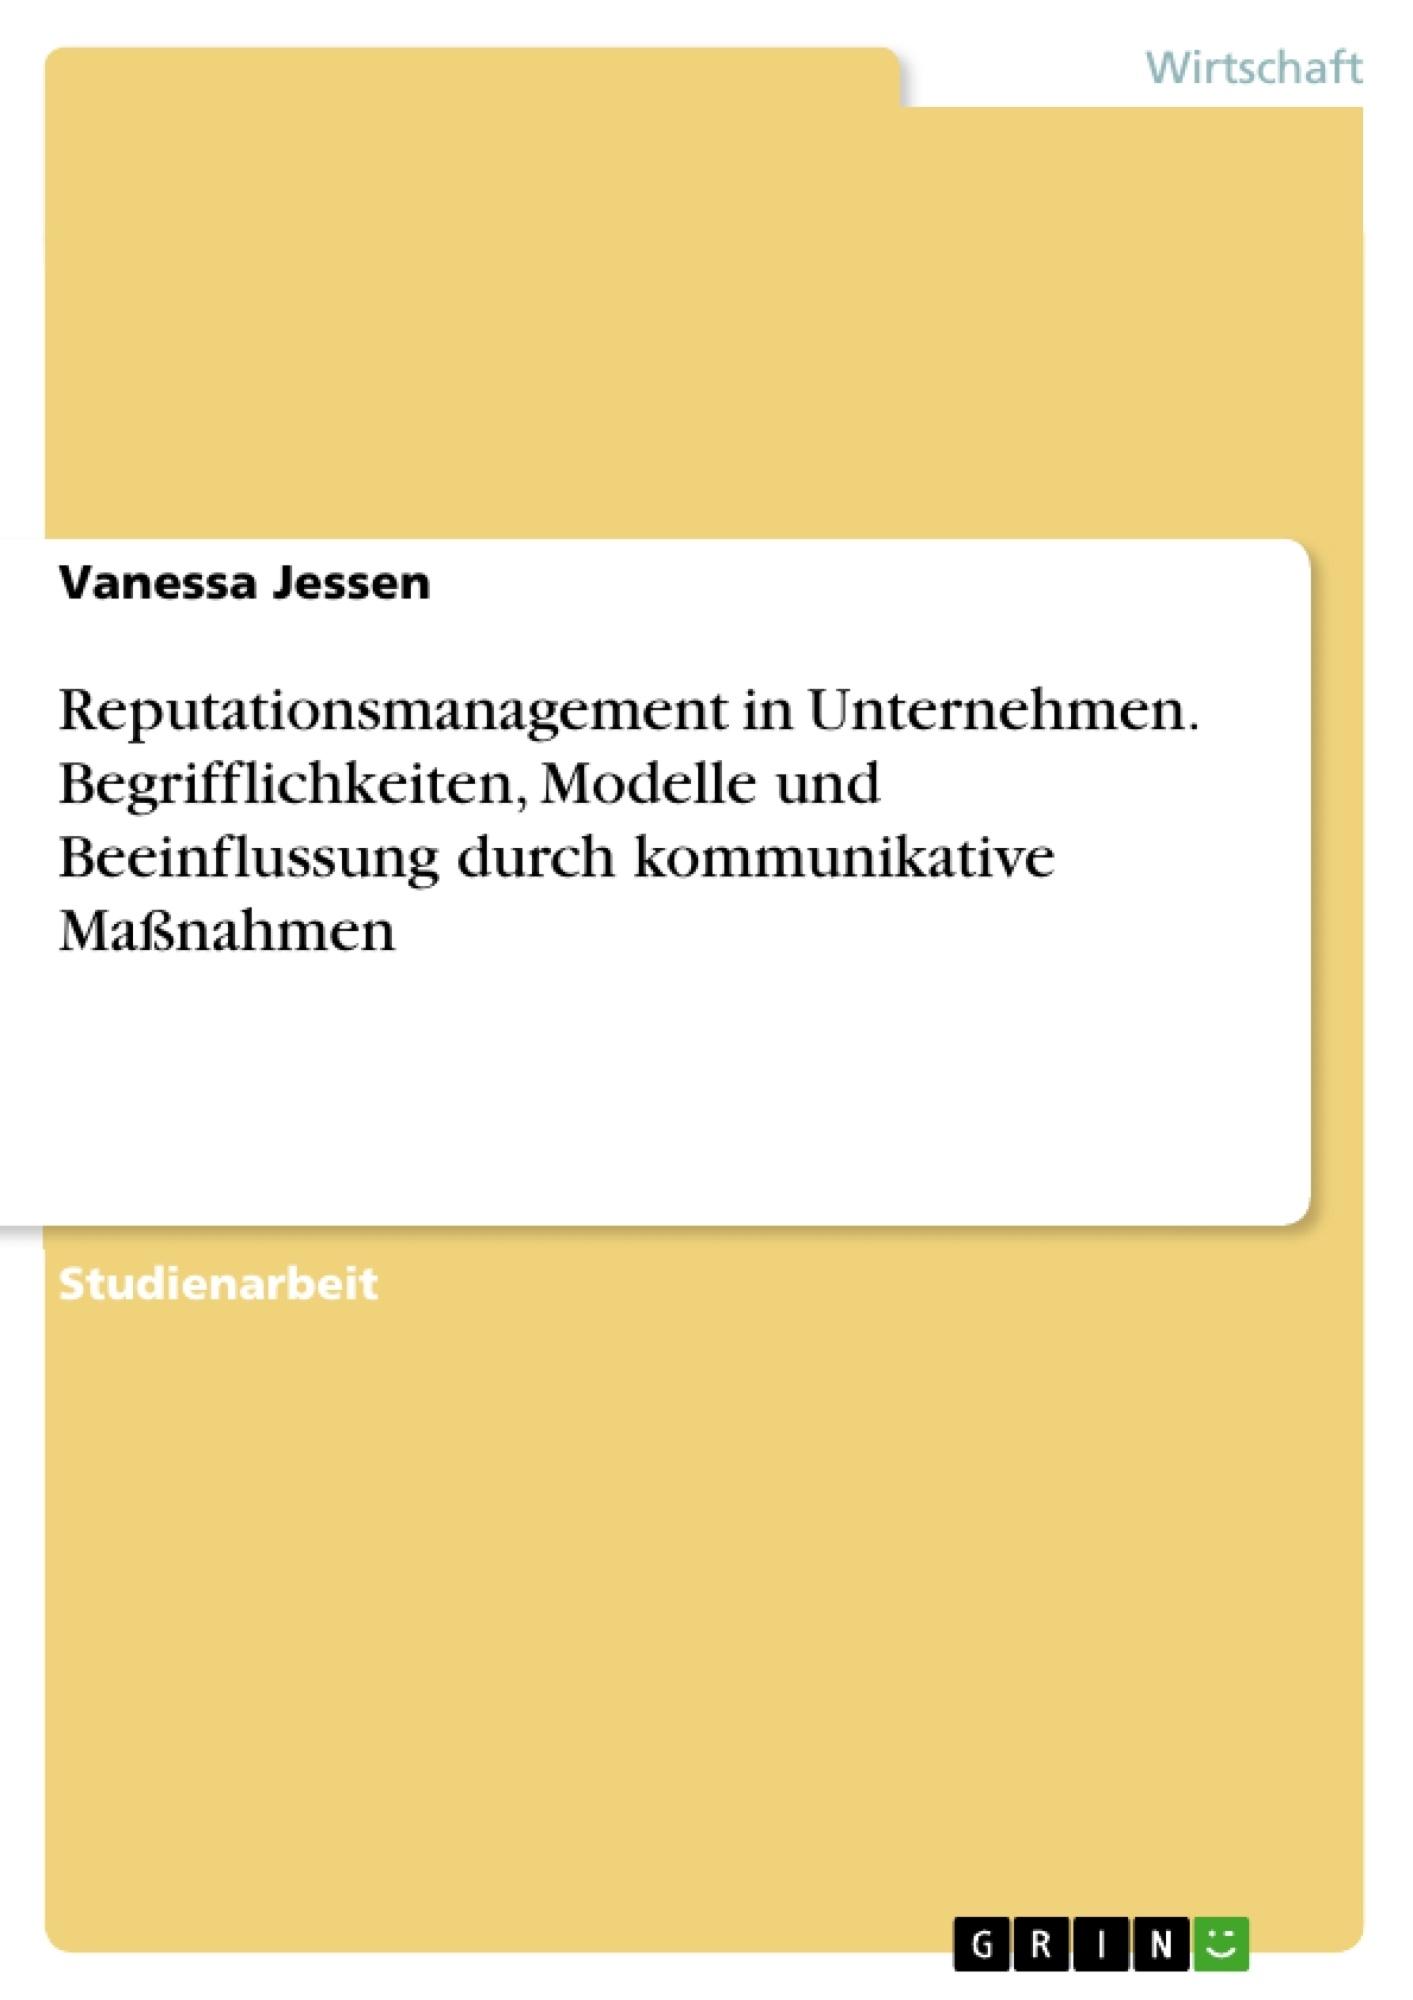 Titel: Reputationsmanagement in Unternehmen. Begrifflichkeiten, Modelle und Beeinflussung durch kommunikative Maßnahmen